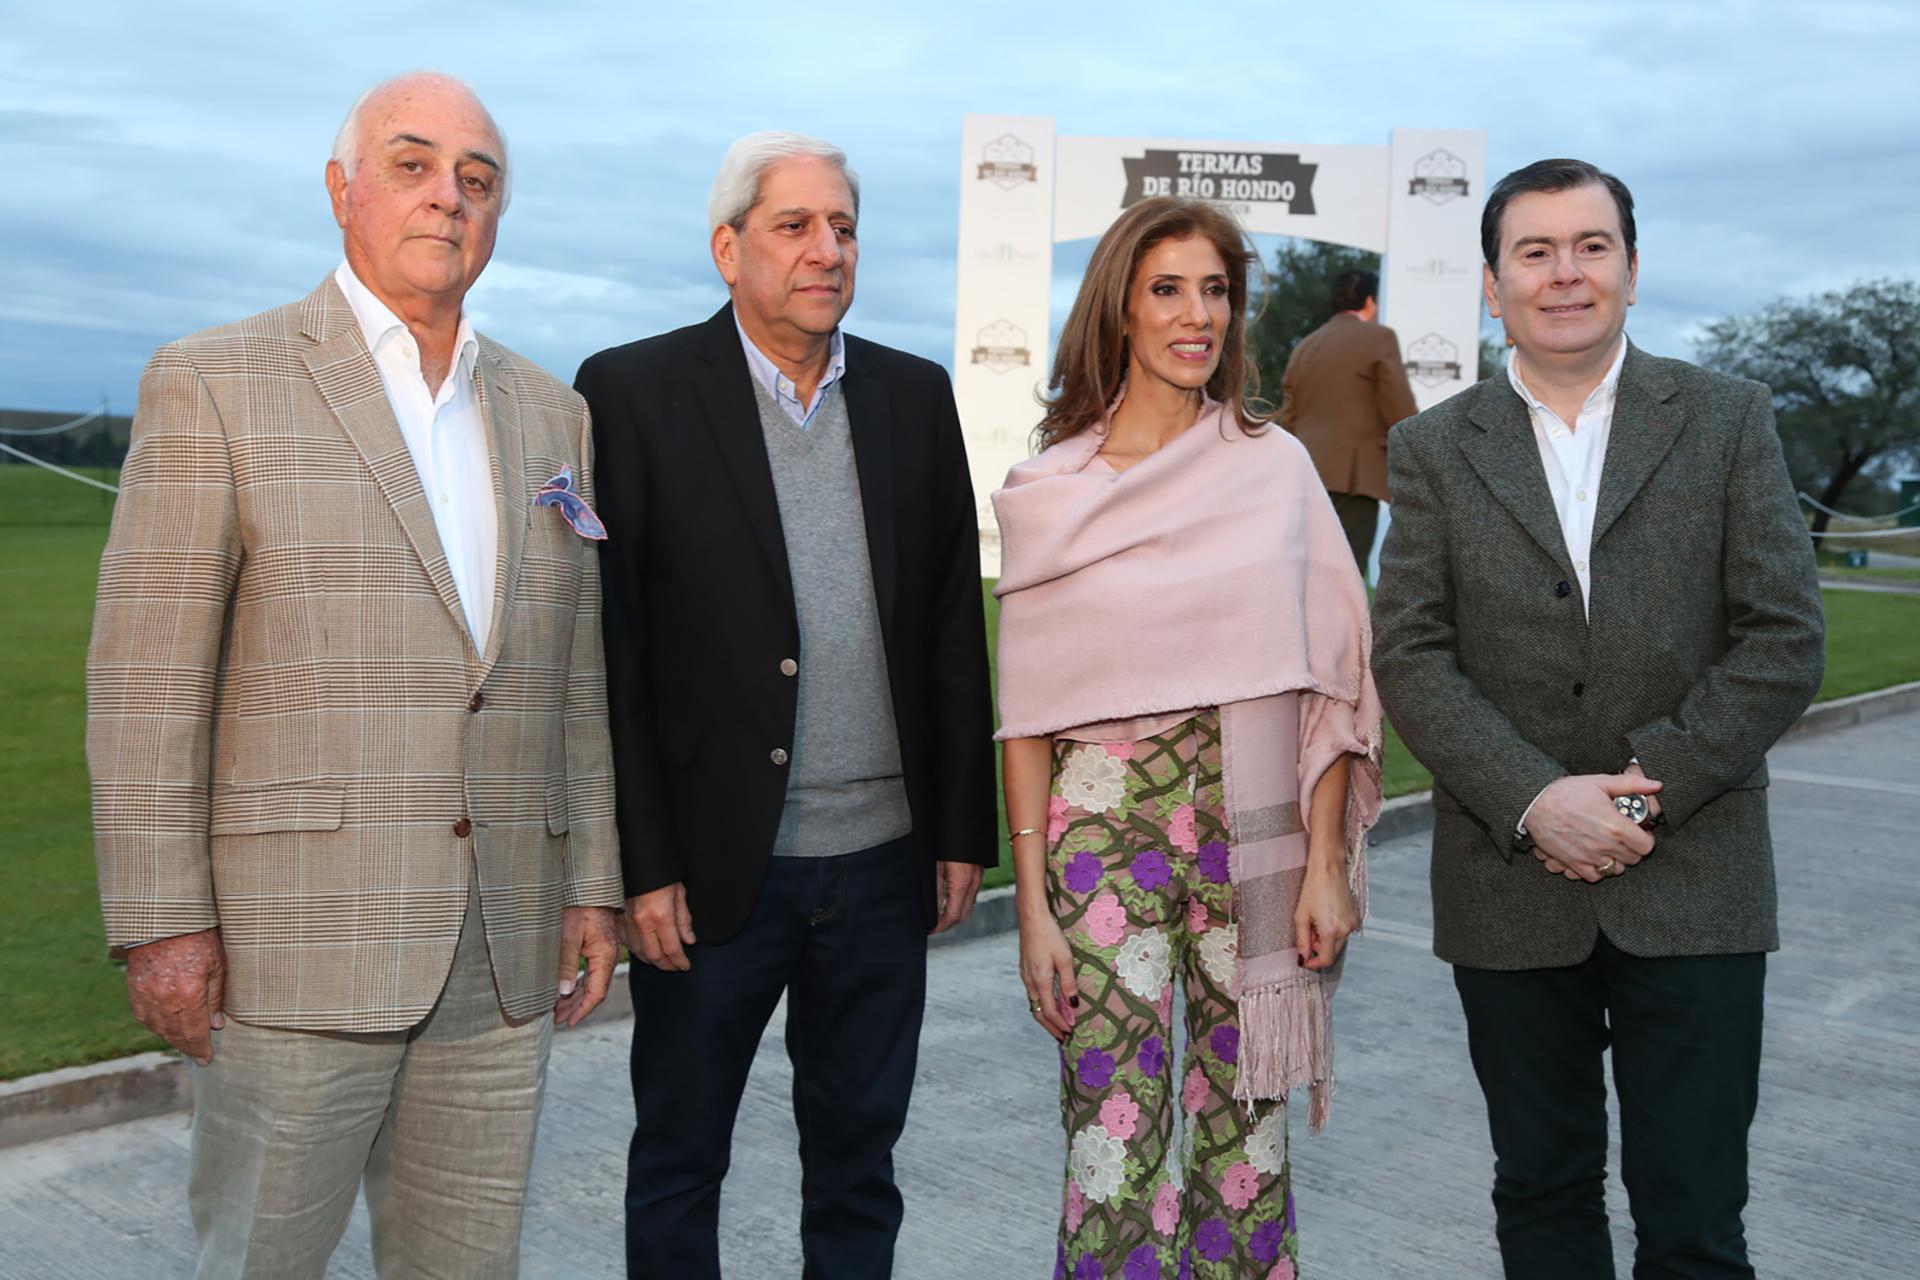 El capitán de cancha, Juan Manuel Pereyra; el vicegobernador de Santiago del Estero, José Emilio Neder; la diputada Claudia Zamora, y el gobernador Gerardo Zamora